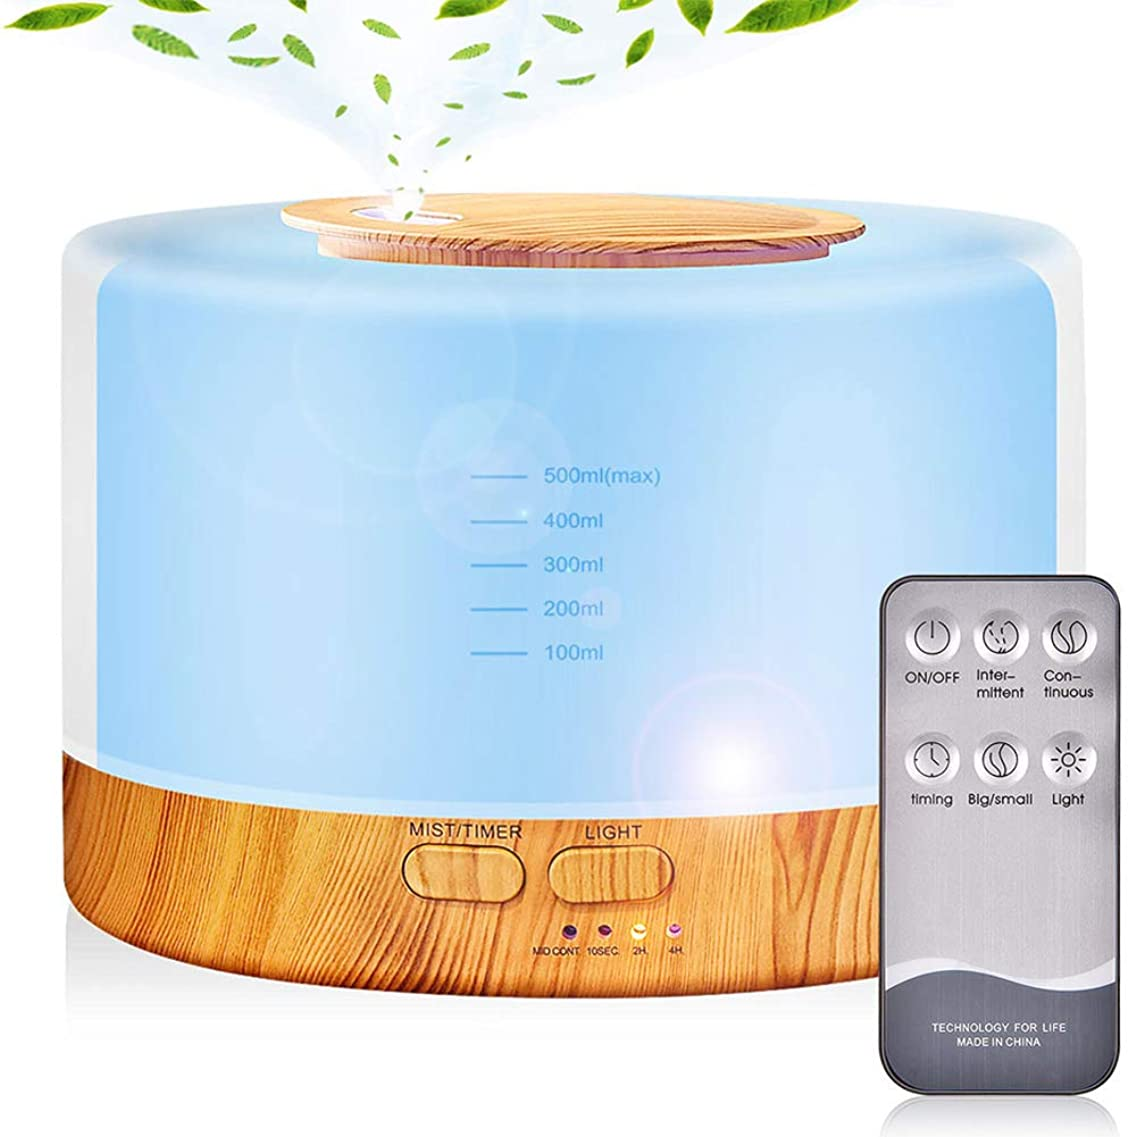 同時フラッシュのように素早くウールアロマディフューザー 加湿器, 卓上 大容量 超音波加湿器, 500ML 保湿 時間設定 空焚き防止 7色変換LED搭載 (木目調)